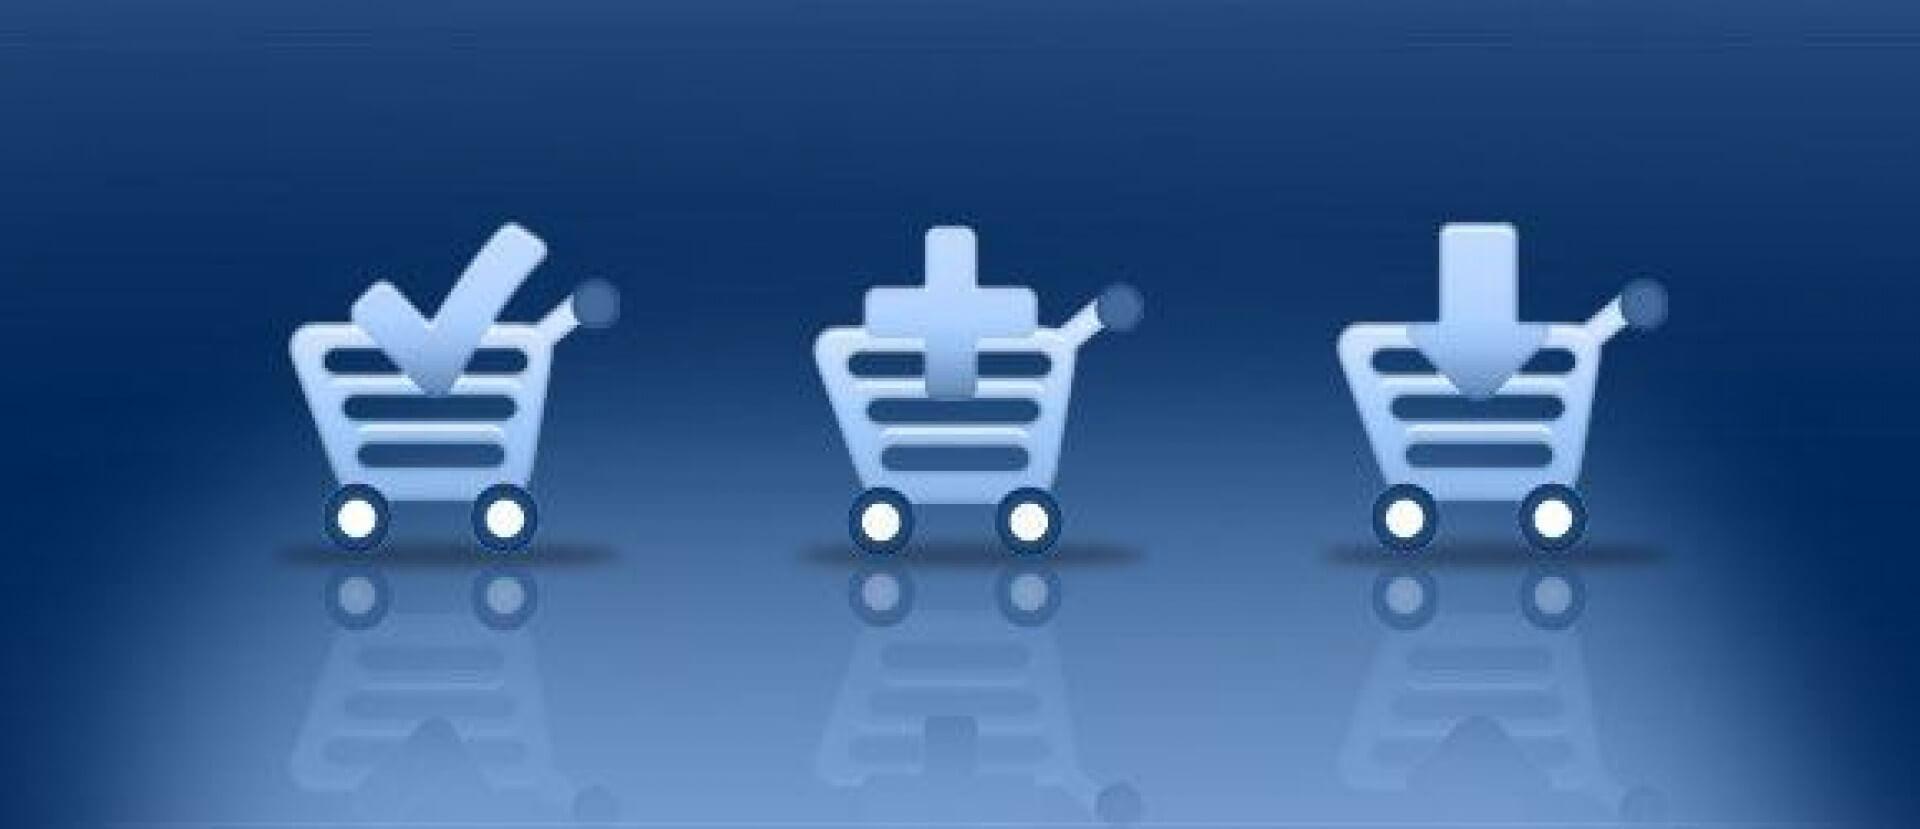 Onde o email marketing pode ajudar no comércio eletrônico?